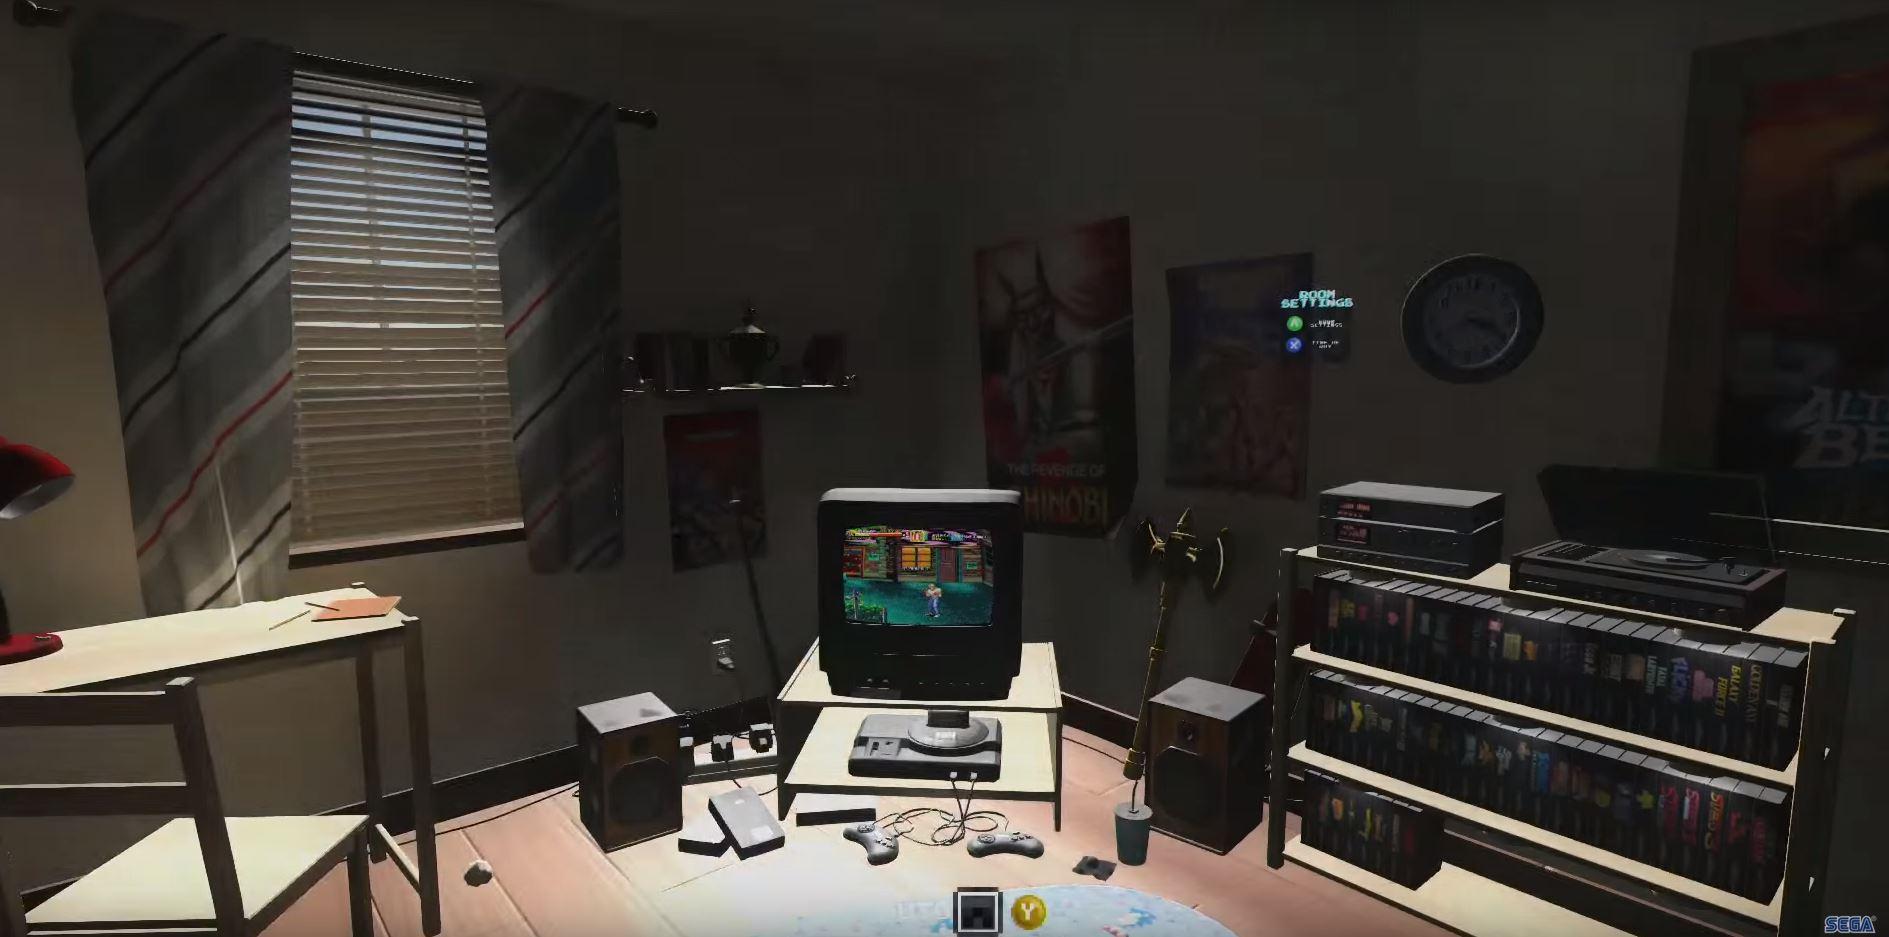 Sega Mega Drive Bedroom Simulator Coming Soon Marooners